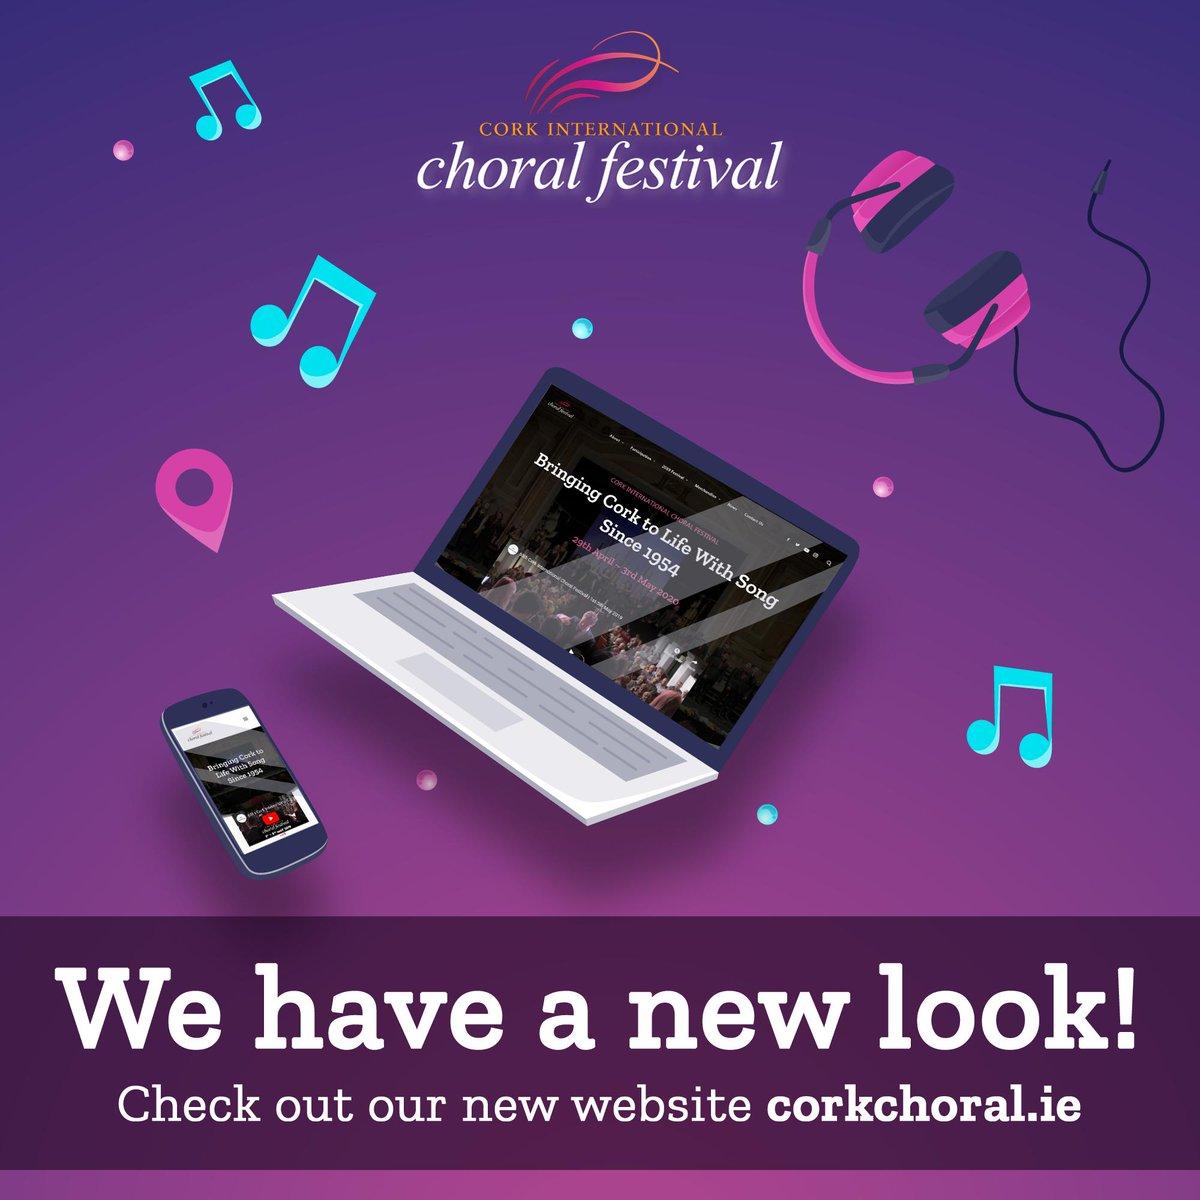 Cork Choral Festival (@corkchoralfest) | Twitter